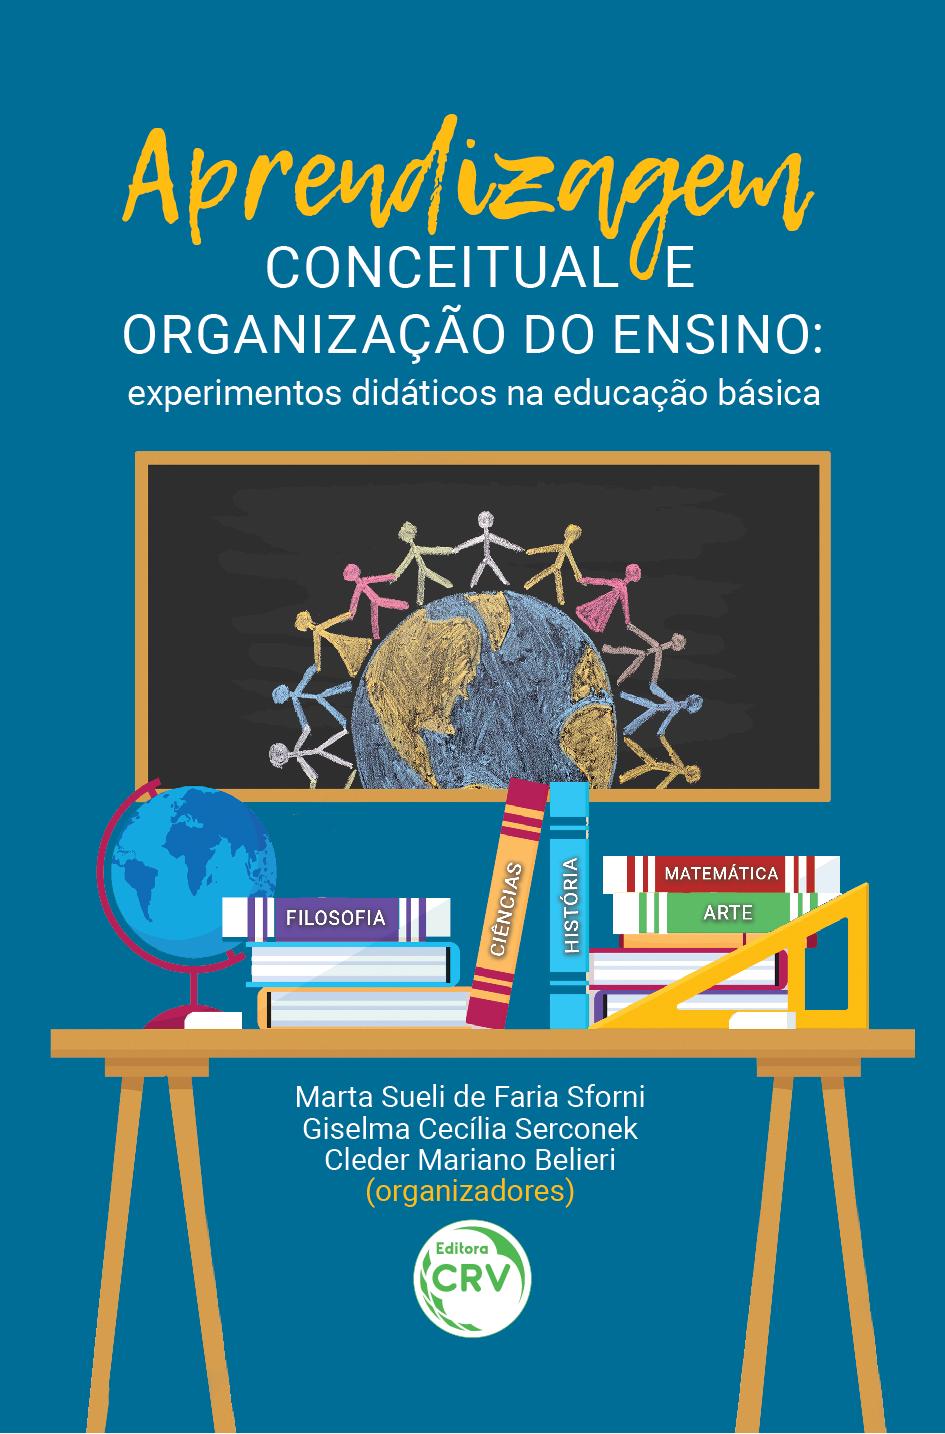 Capa do livro: APRENDIZAGEM CONCEITUAL E ORGANIZAÇÃO DO ENSINO: <br>experimentos didáticos na educação básica